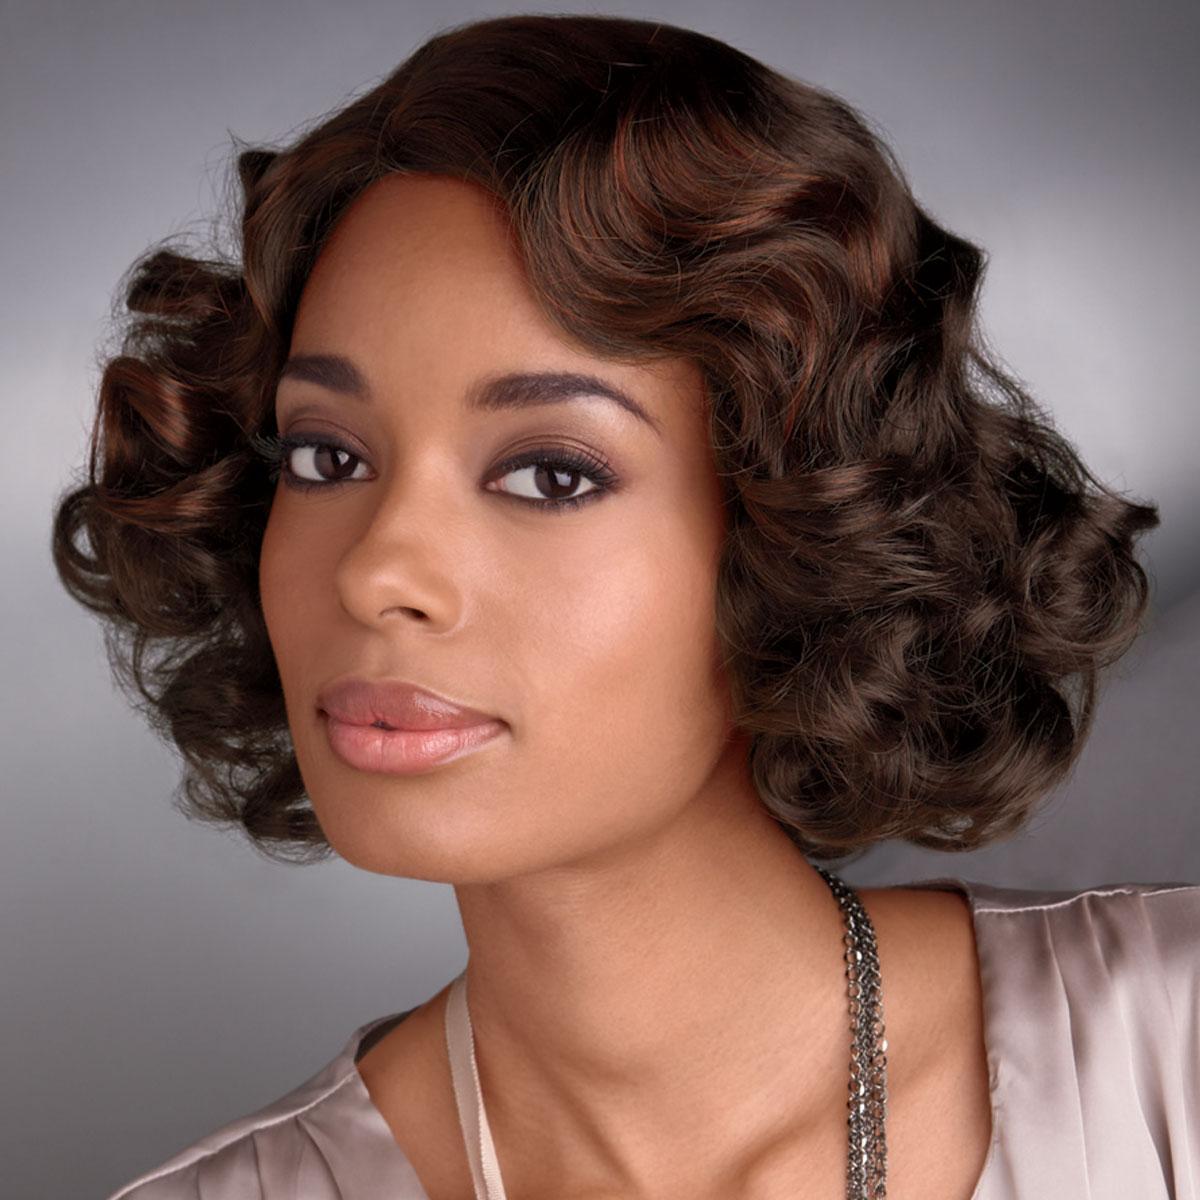 Fascinante años 20 peinados Imagen De Consejos De Color De Pelo - peinate-como-en-los-anos-20-con-pelo-corto-ondas-rizos ...